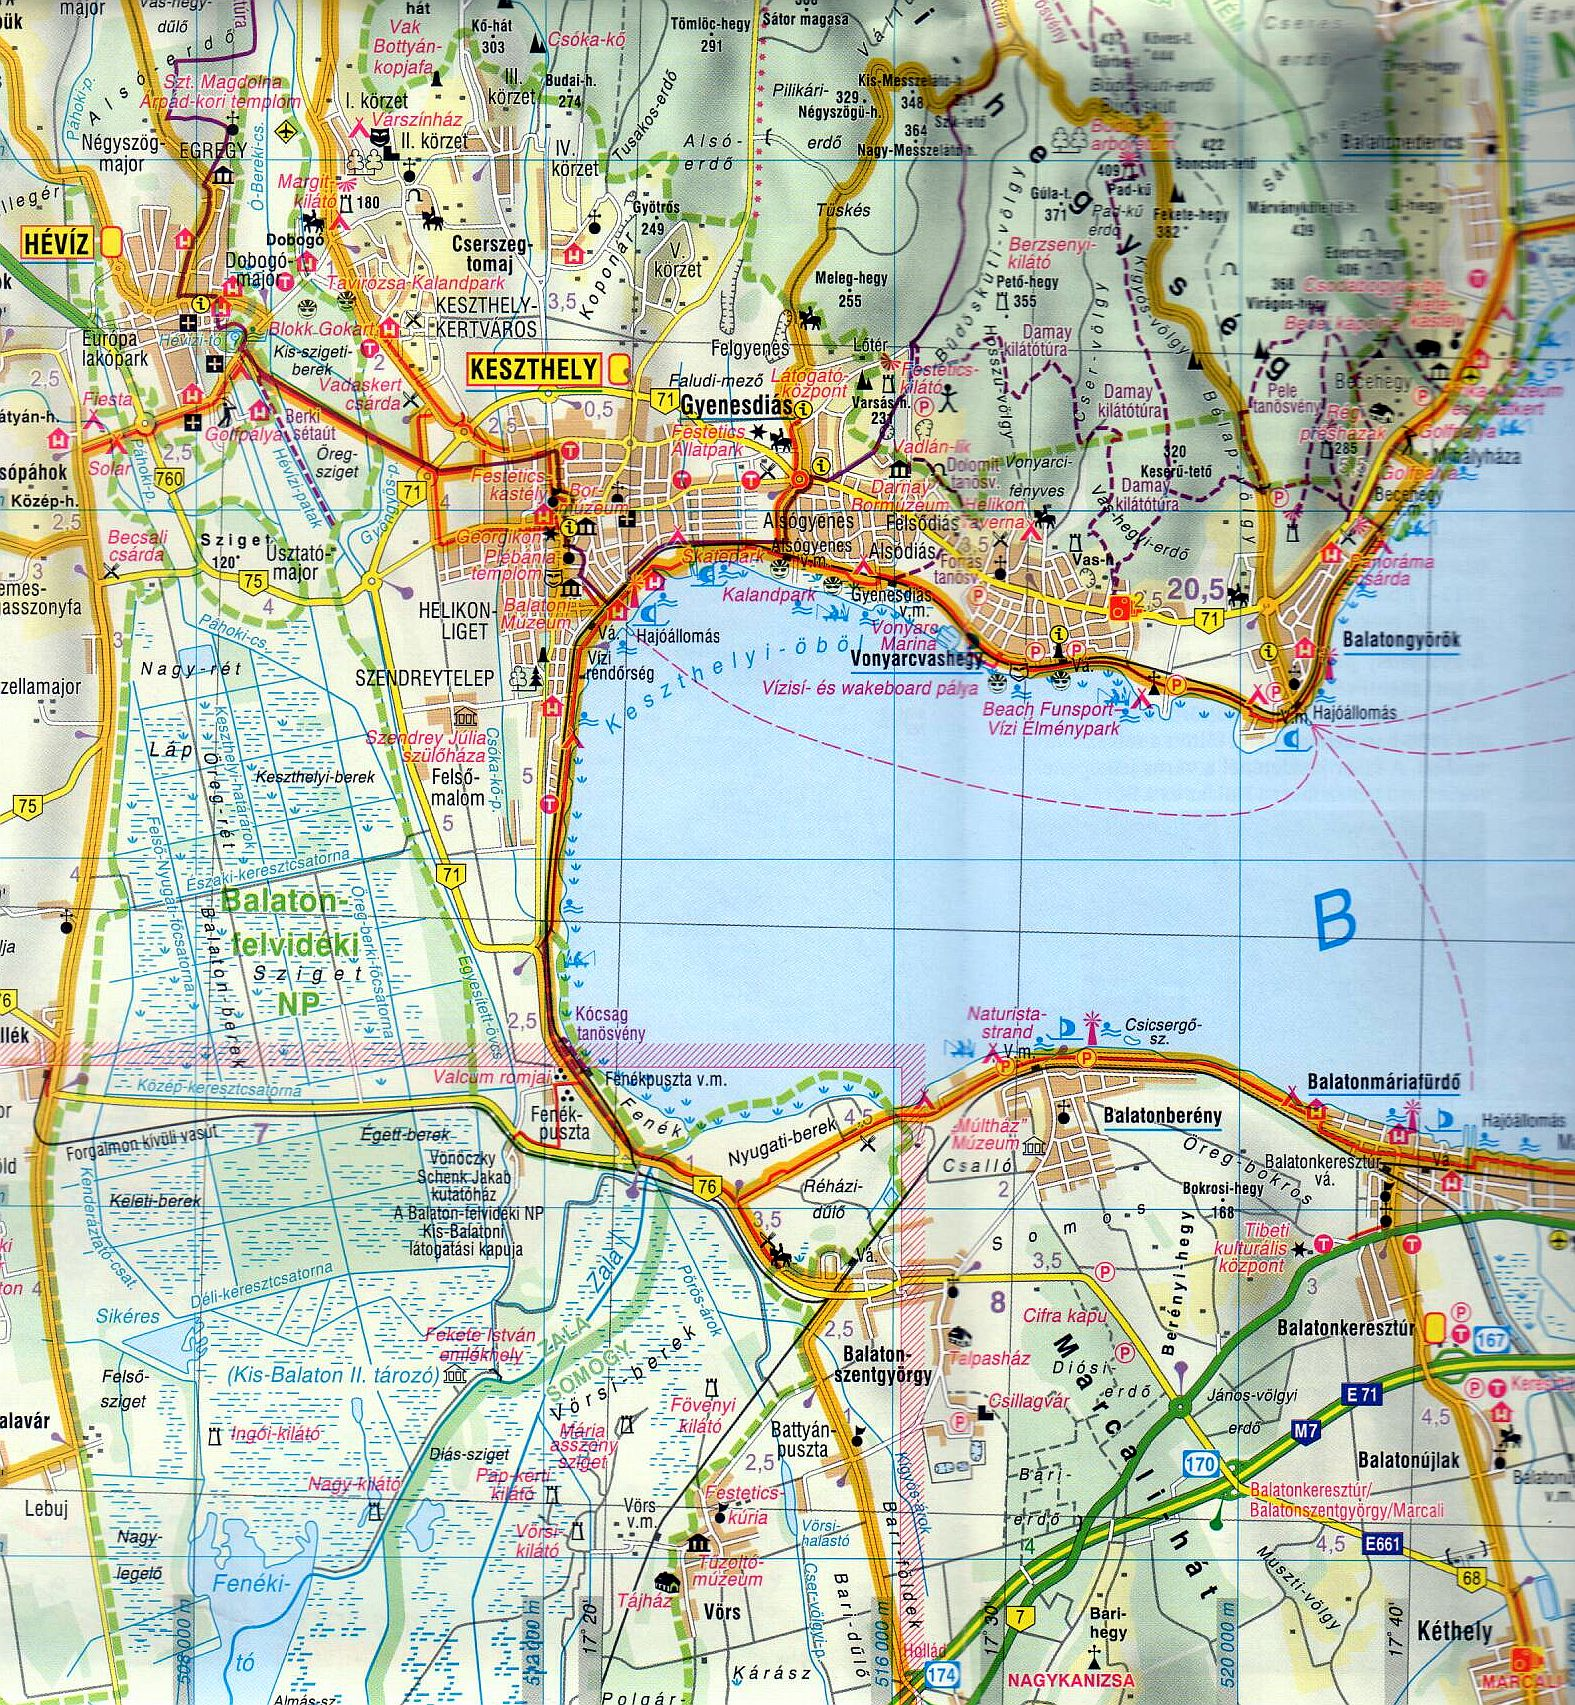 Balaton szabadidőtérkép mintakivágat 1:90.000